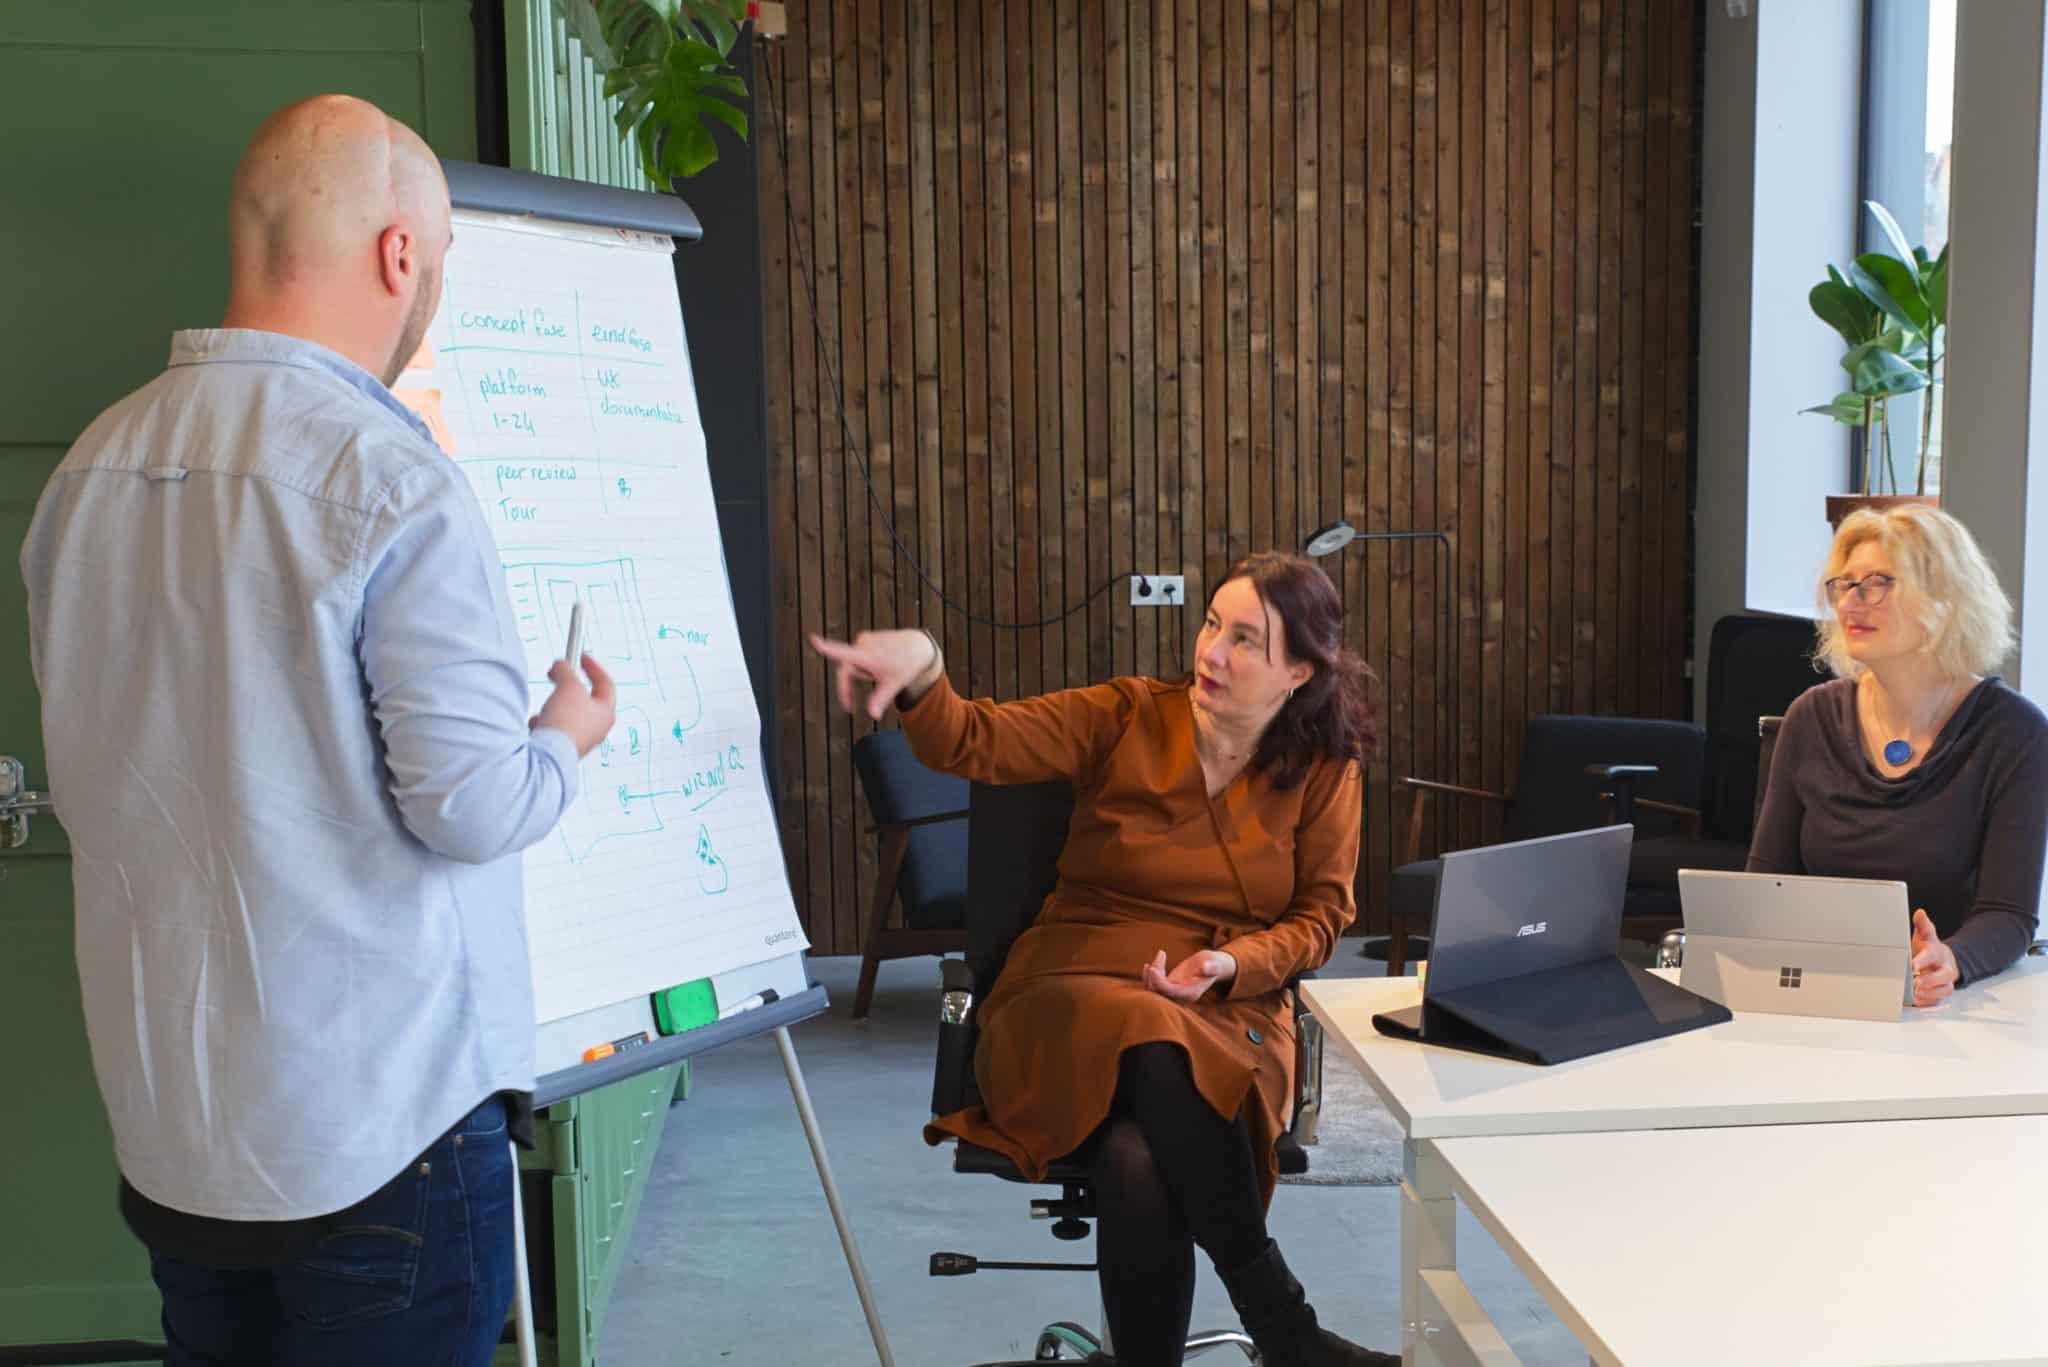 Kennis delen in een kennisbank - Nieuw Initiatief